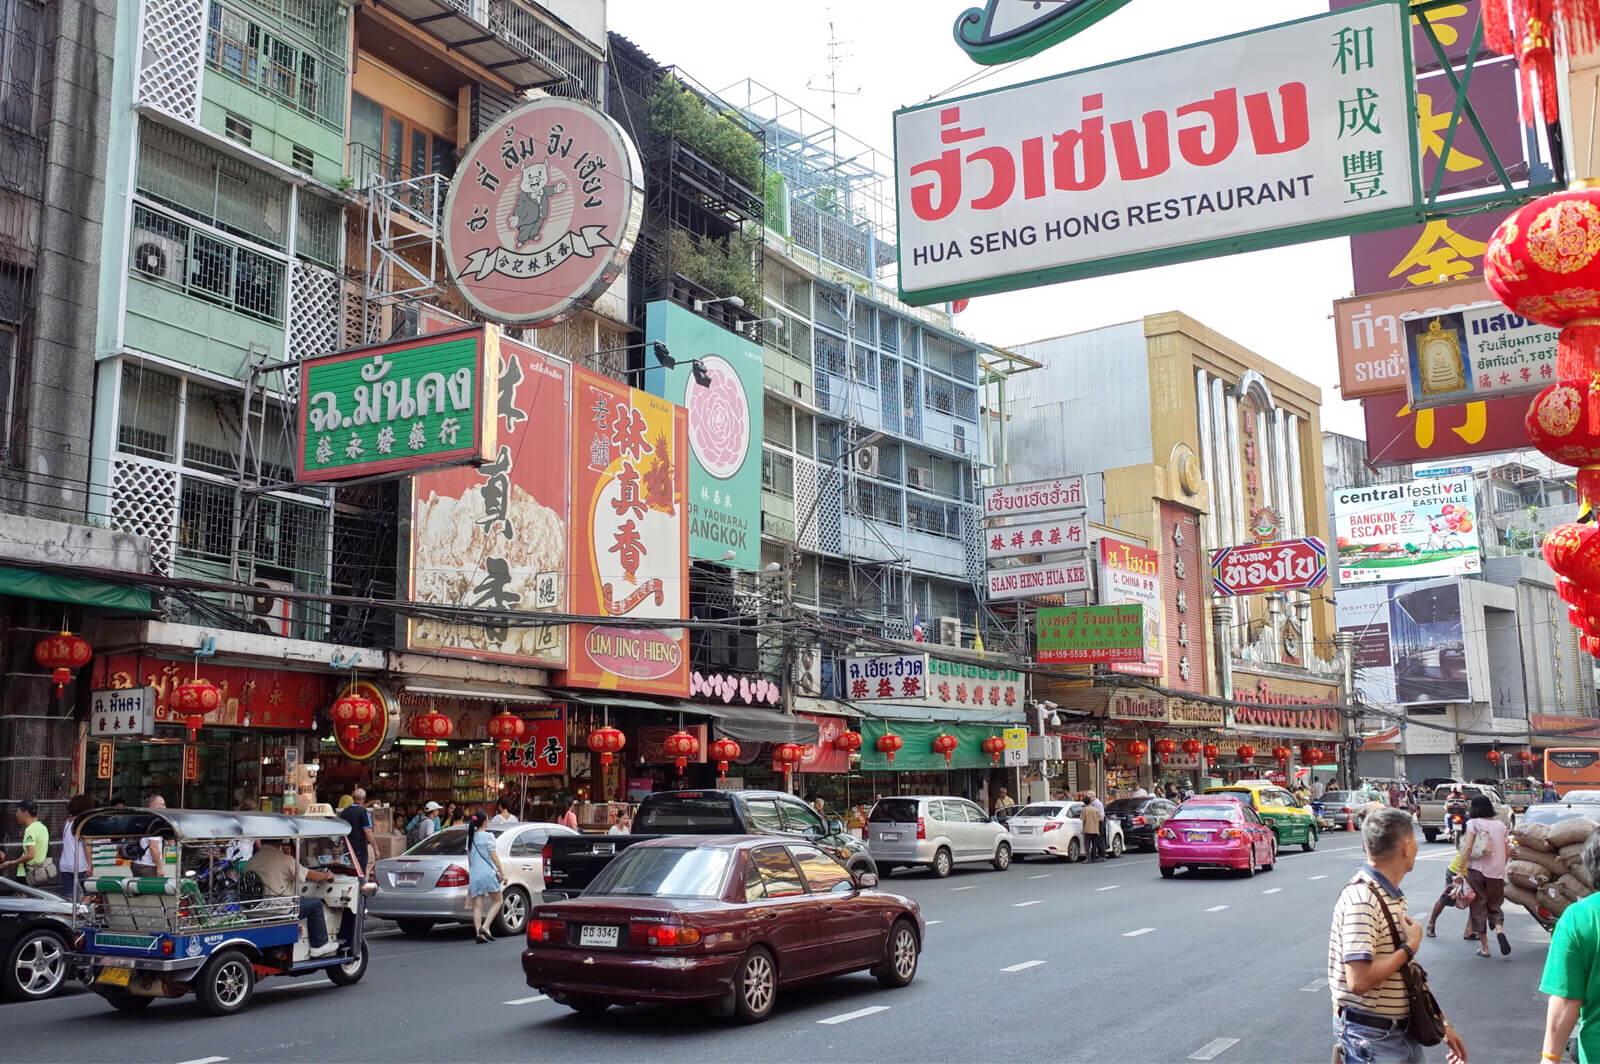 和成豊 バンコク 〜フカヒレが安くて旨い!チャイナタウンの雰囲気を味わえるおすすめのスポット